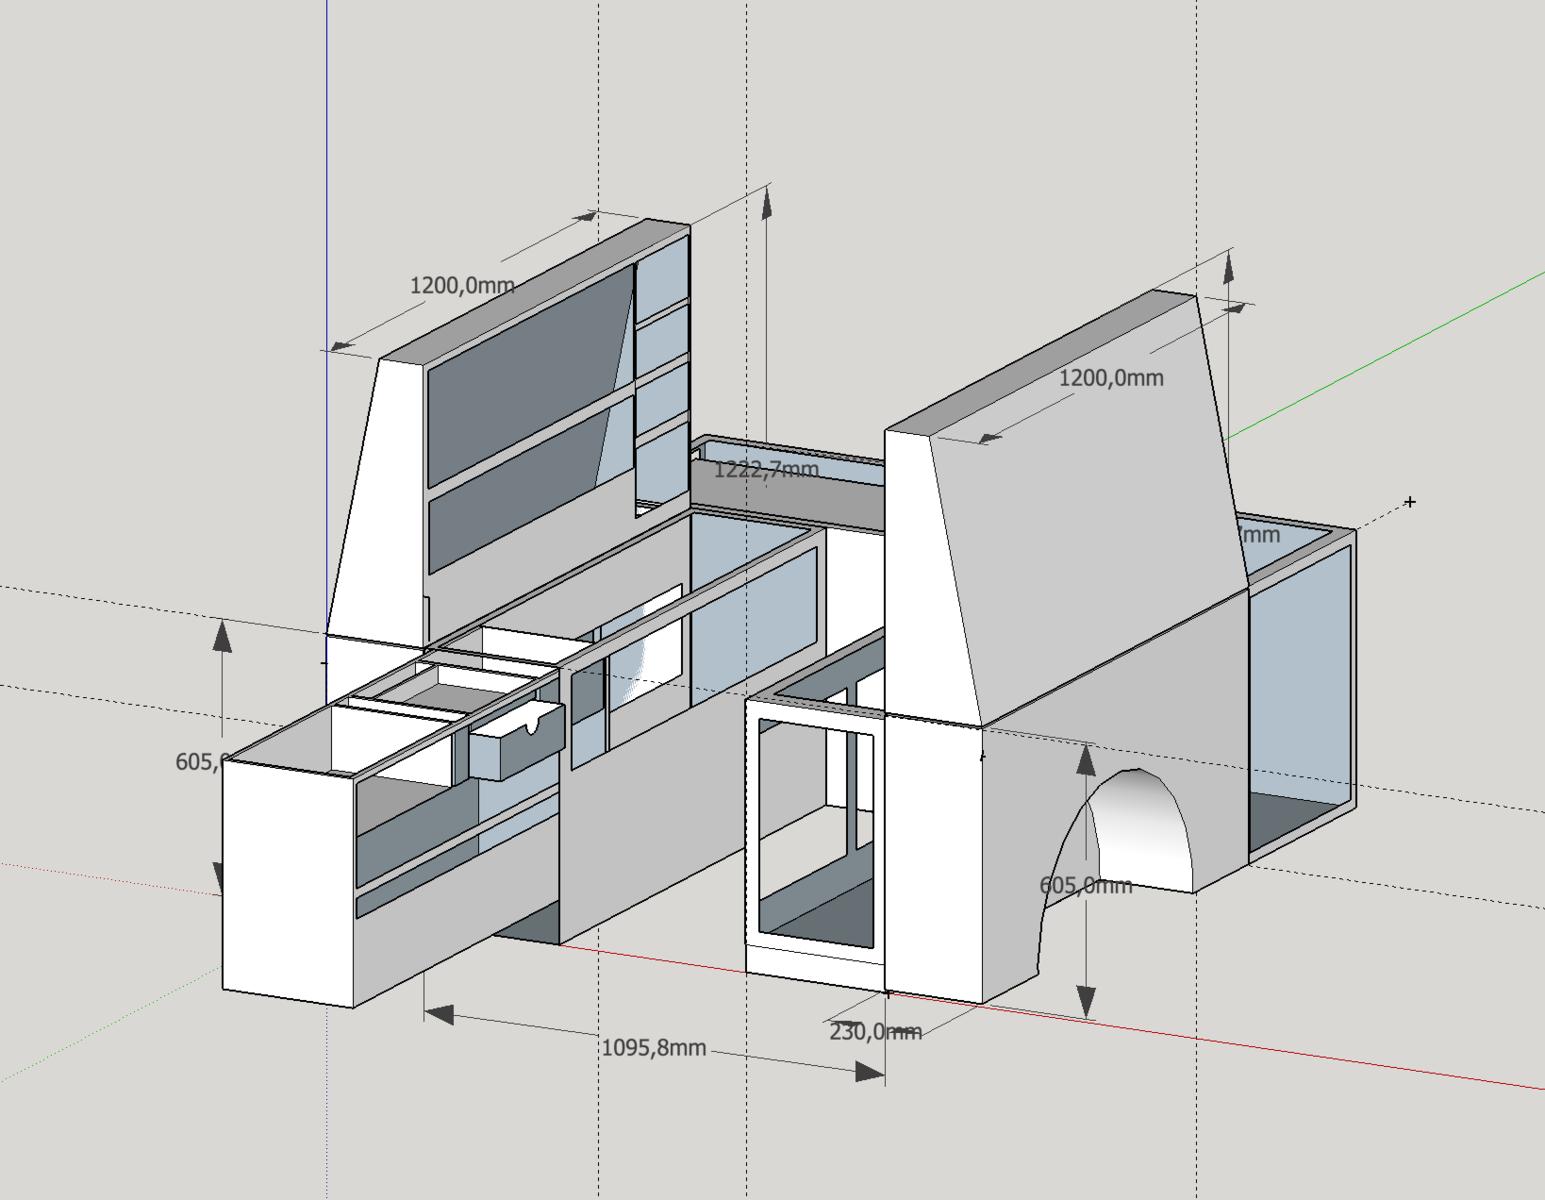 betreutes ausbauen mit offgem belt innenausbau eines vw t5 rockton vw caddy conversion t5. Black Bedroom Furniture Sets. Home Design Ideas